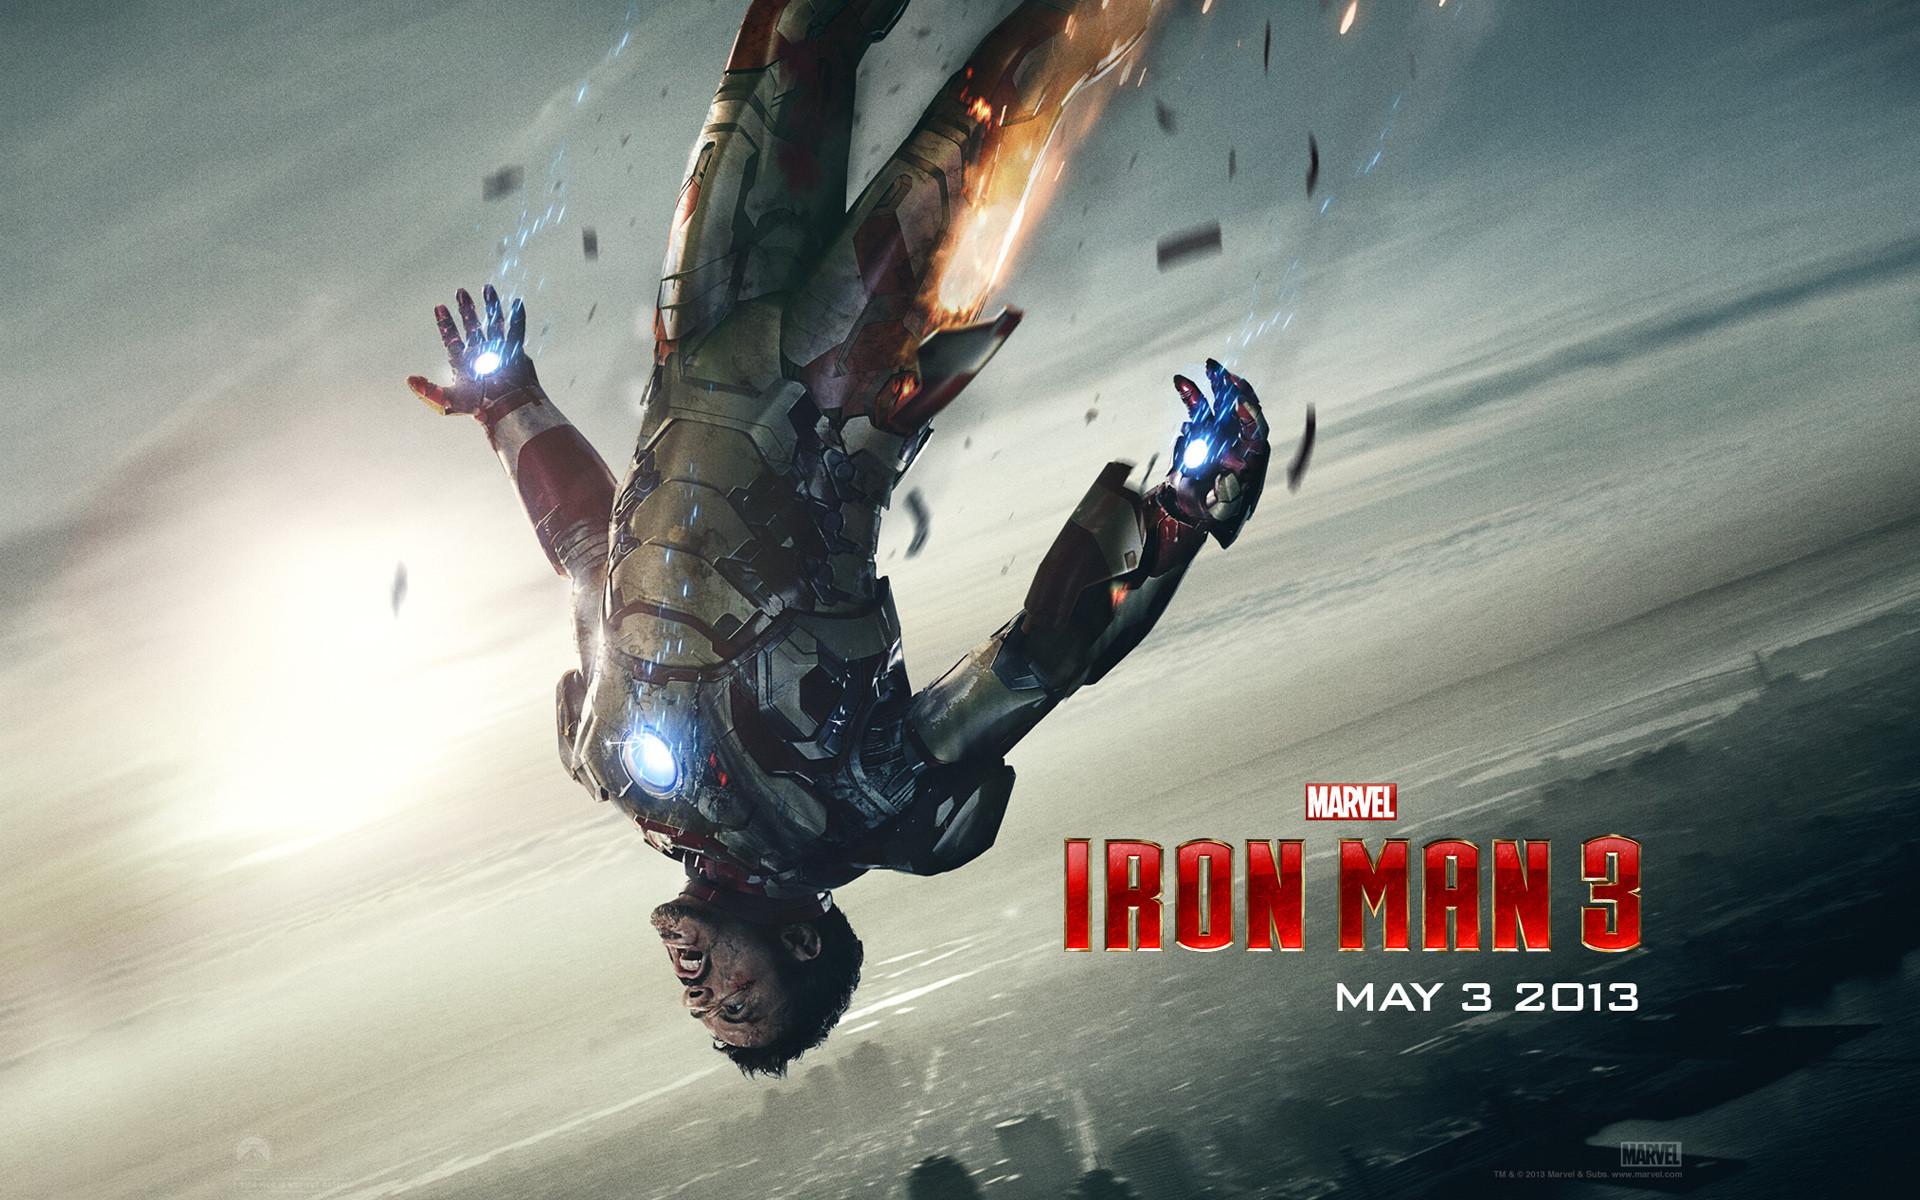 Tony Stark in Iron Man 3